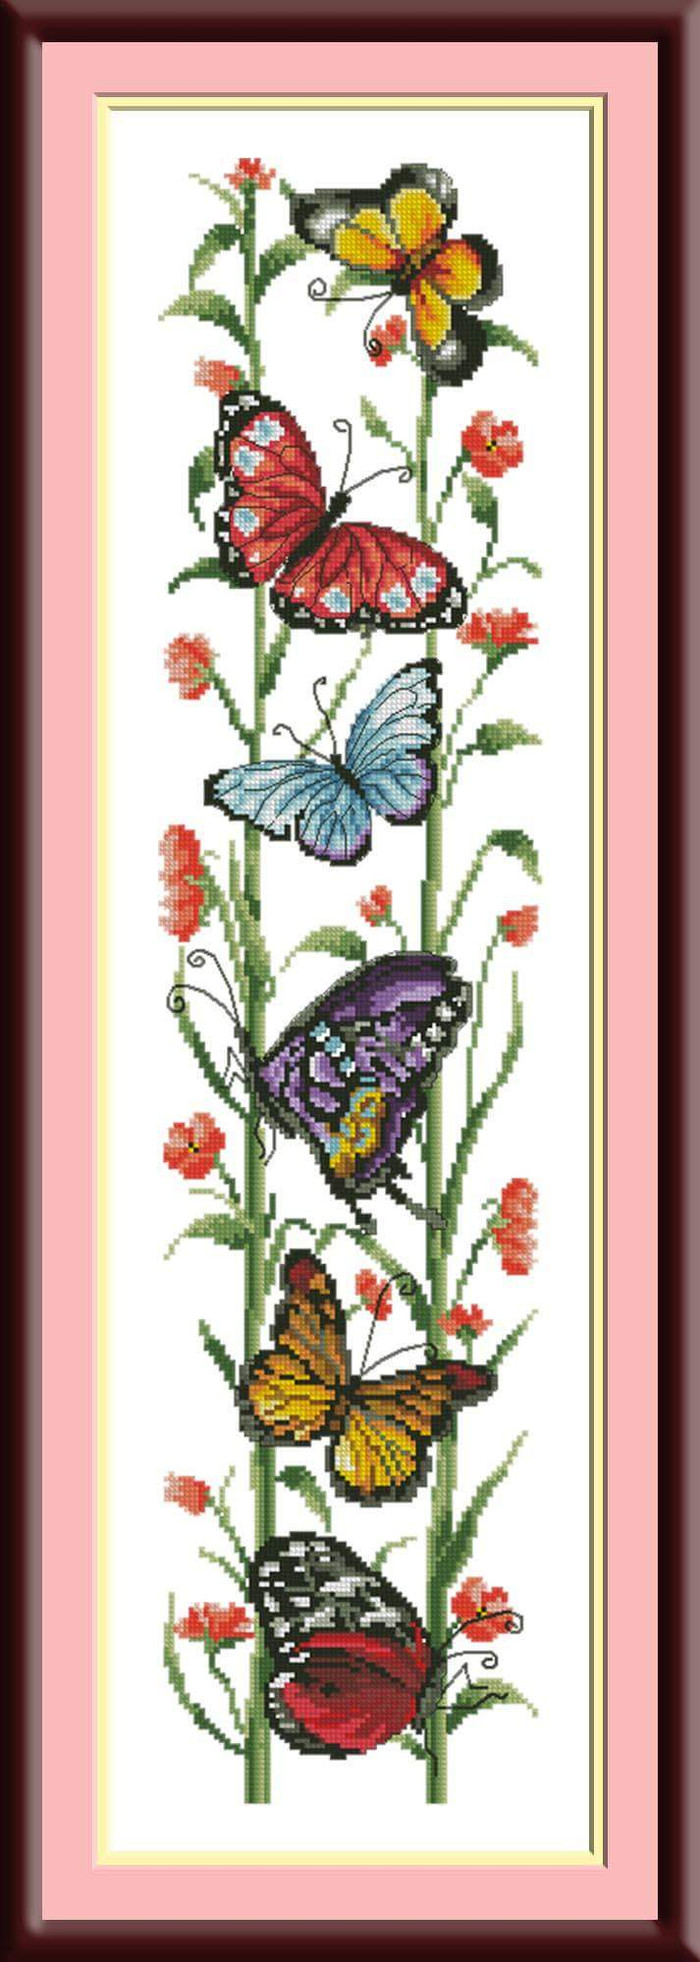 Jual Paket Kristik Cross Stitch Butterfly Kupu Kupu 02 Jakarta Barat KoleksiMeriah